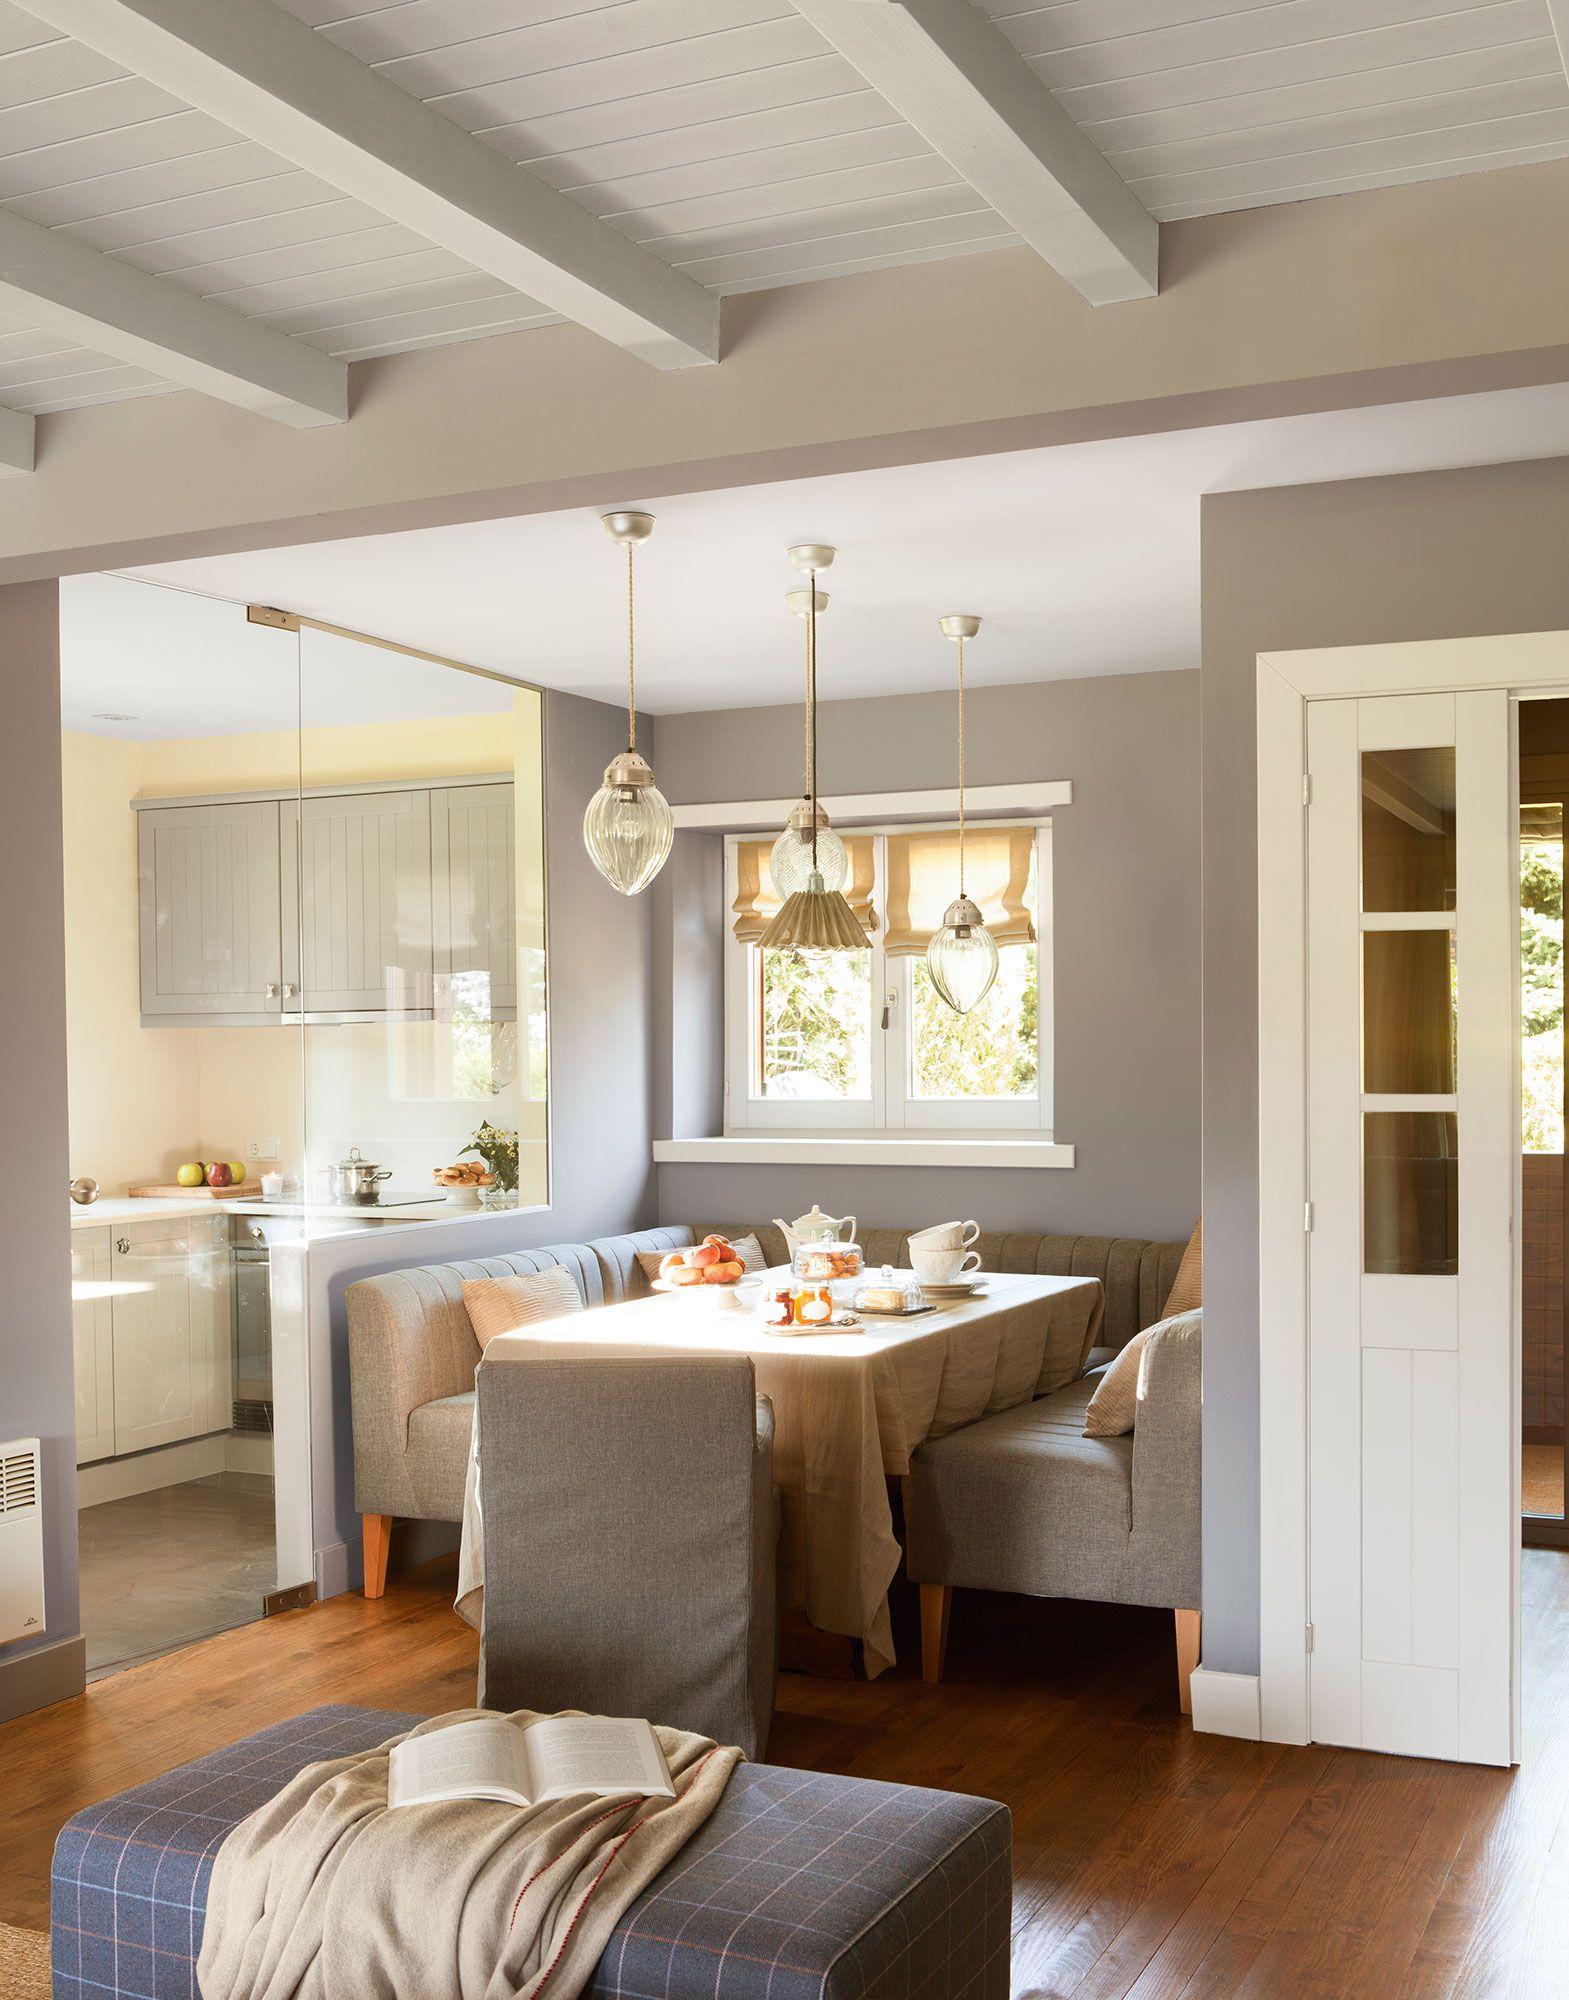 Comedor contiguo a la cocina y abierto al salón | Lofts, Espacios y ...